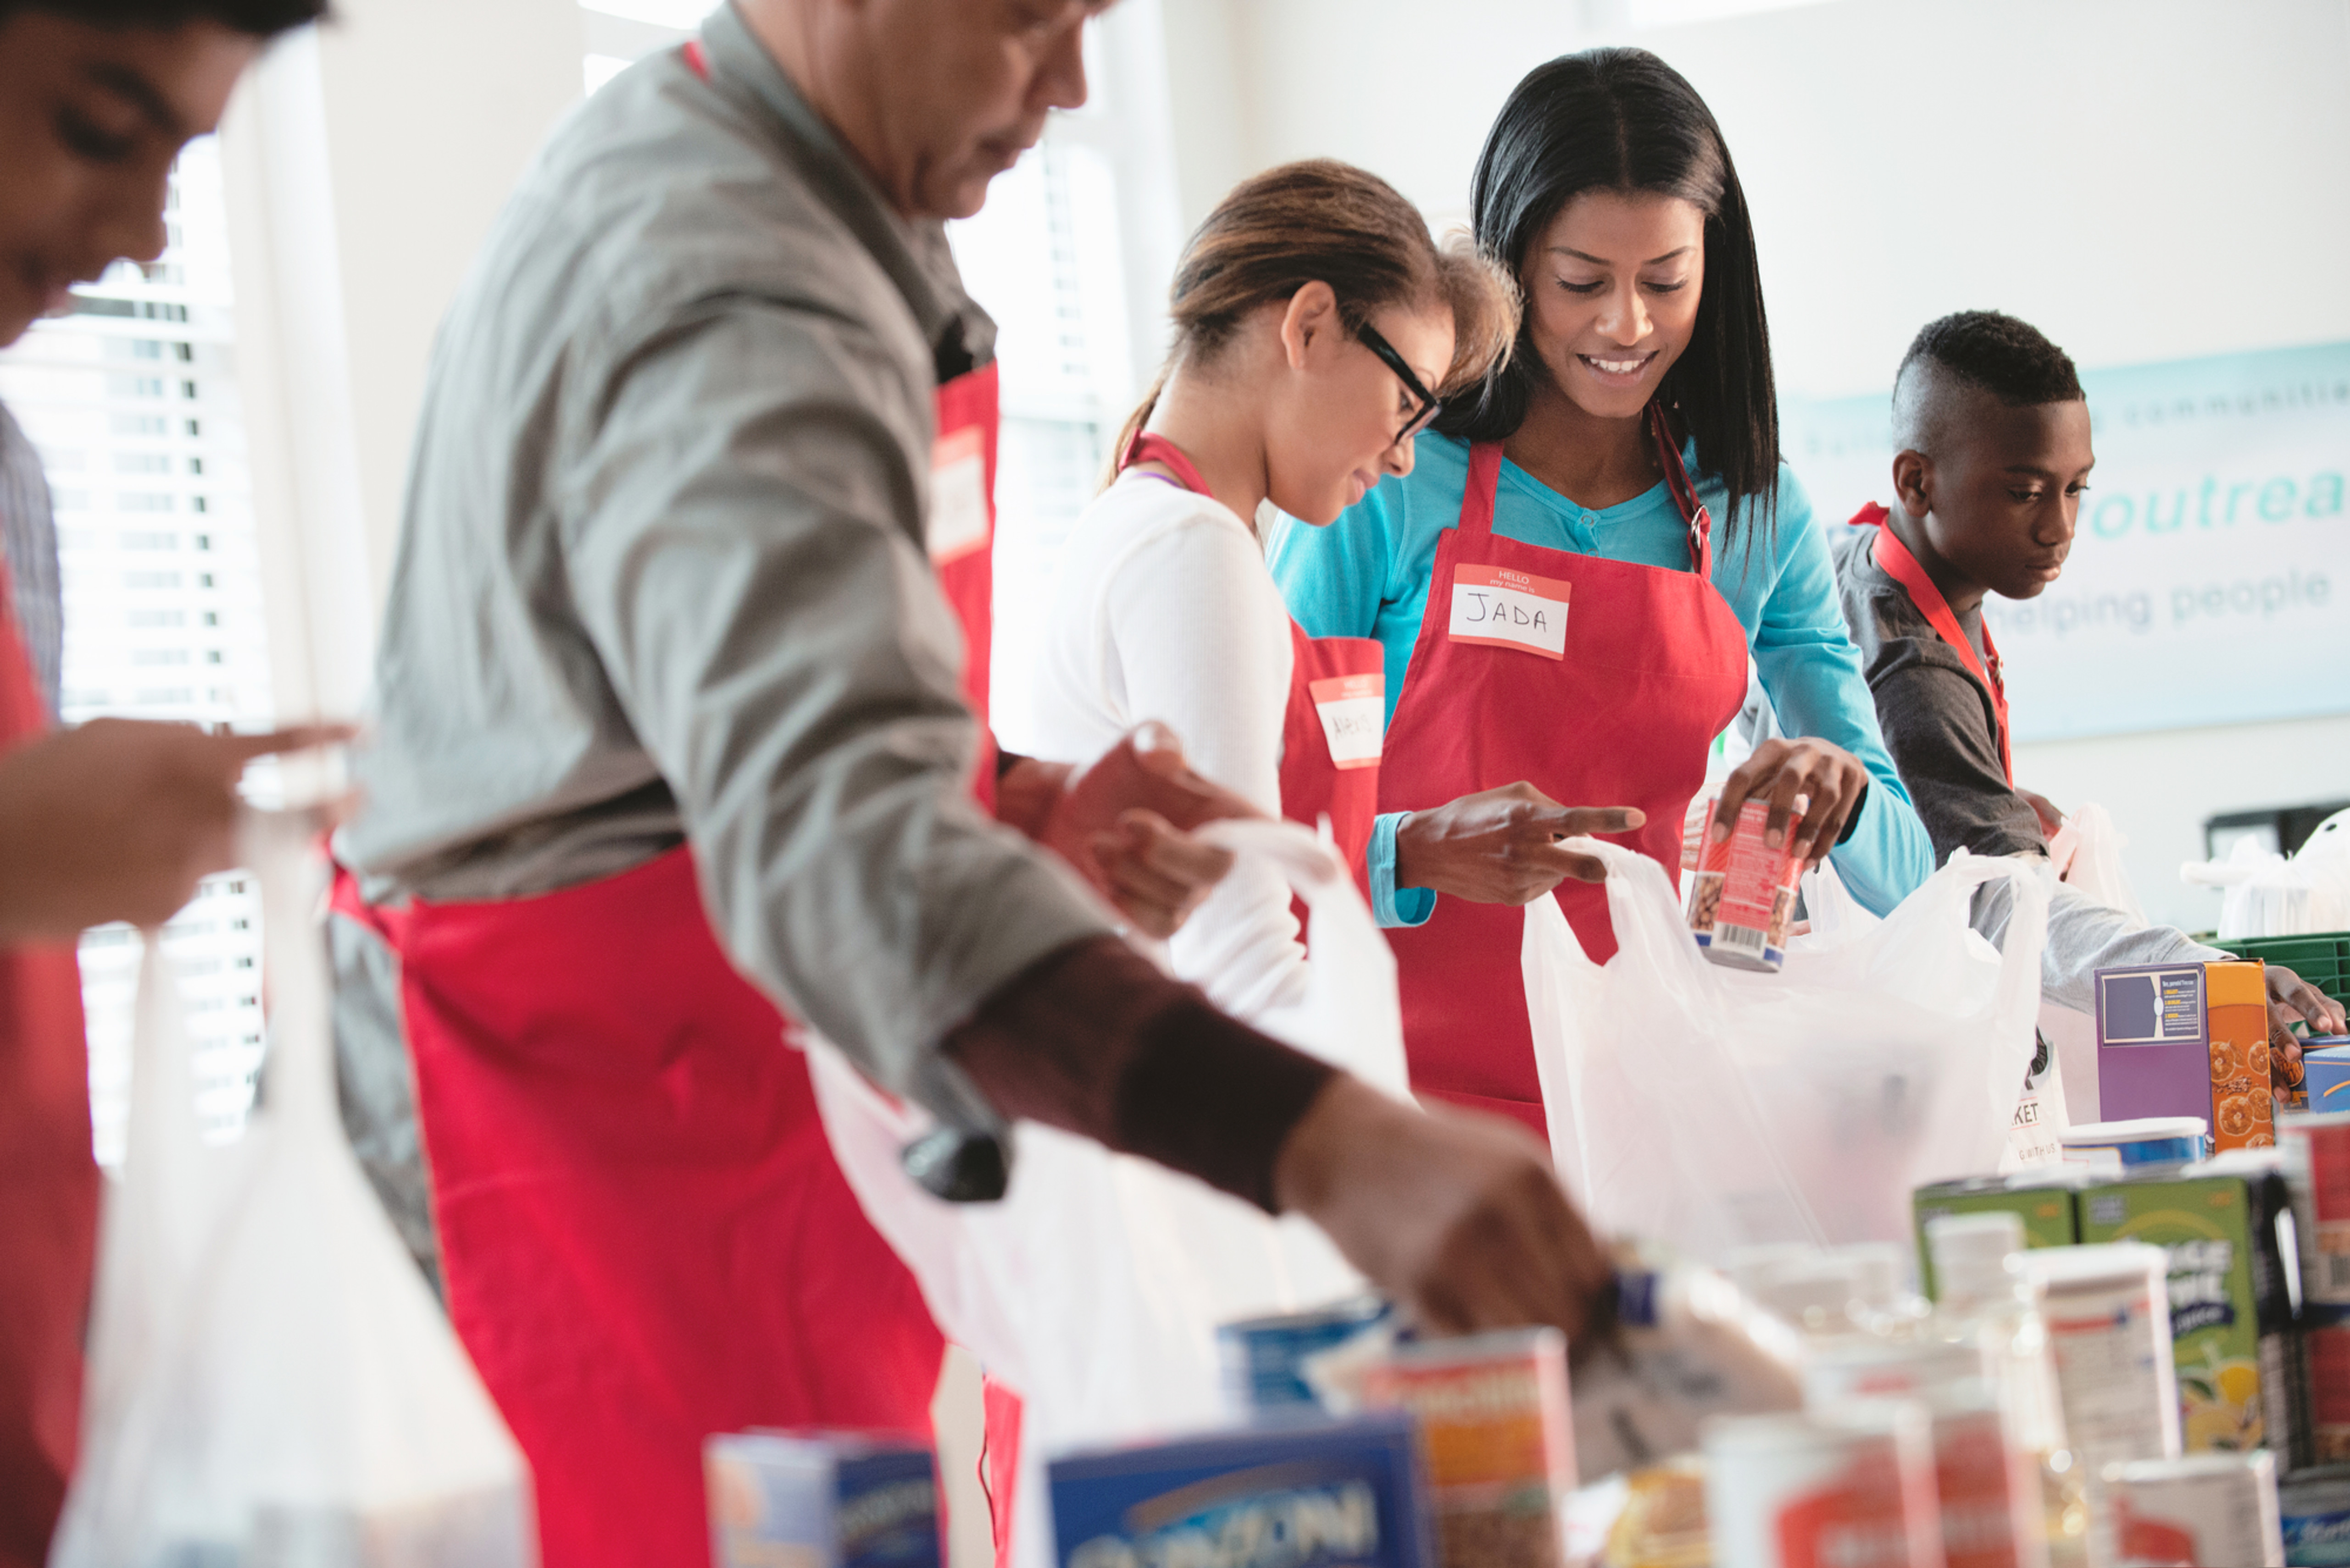 Volunteer for Food Pantry